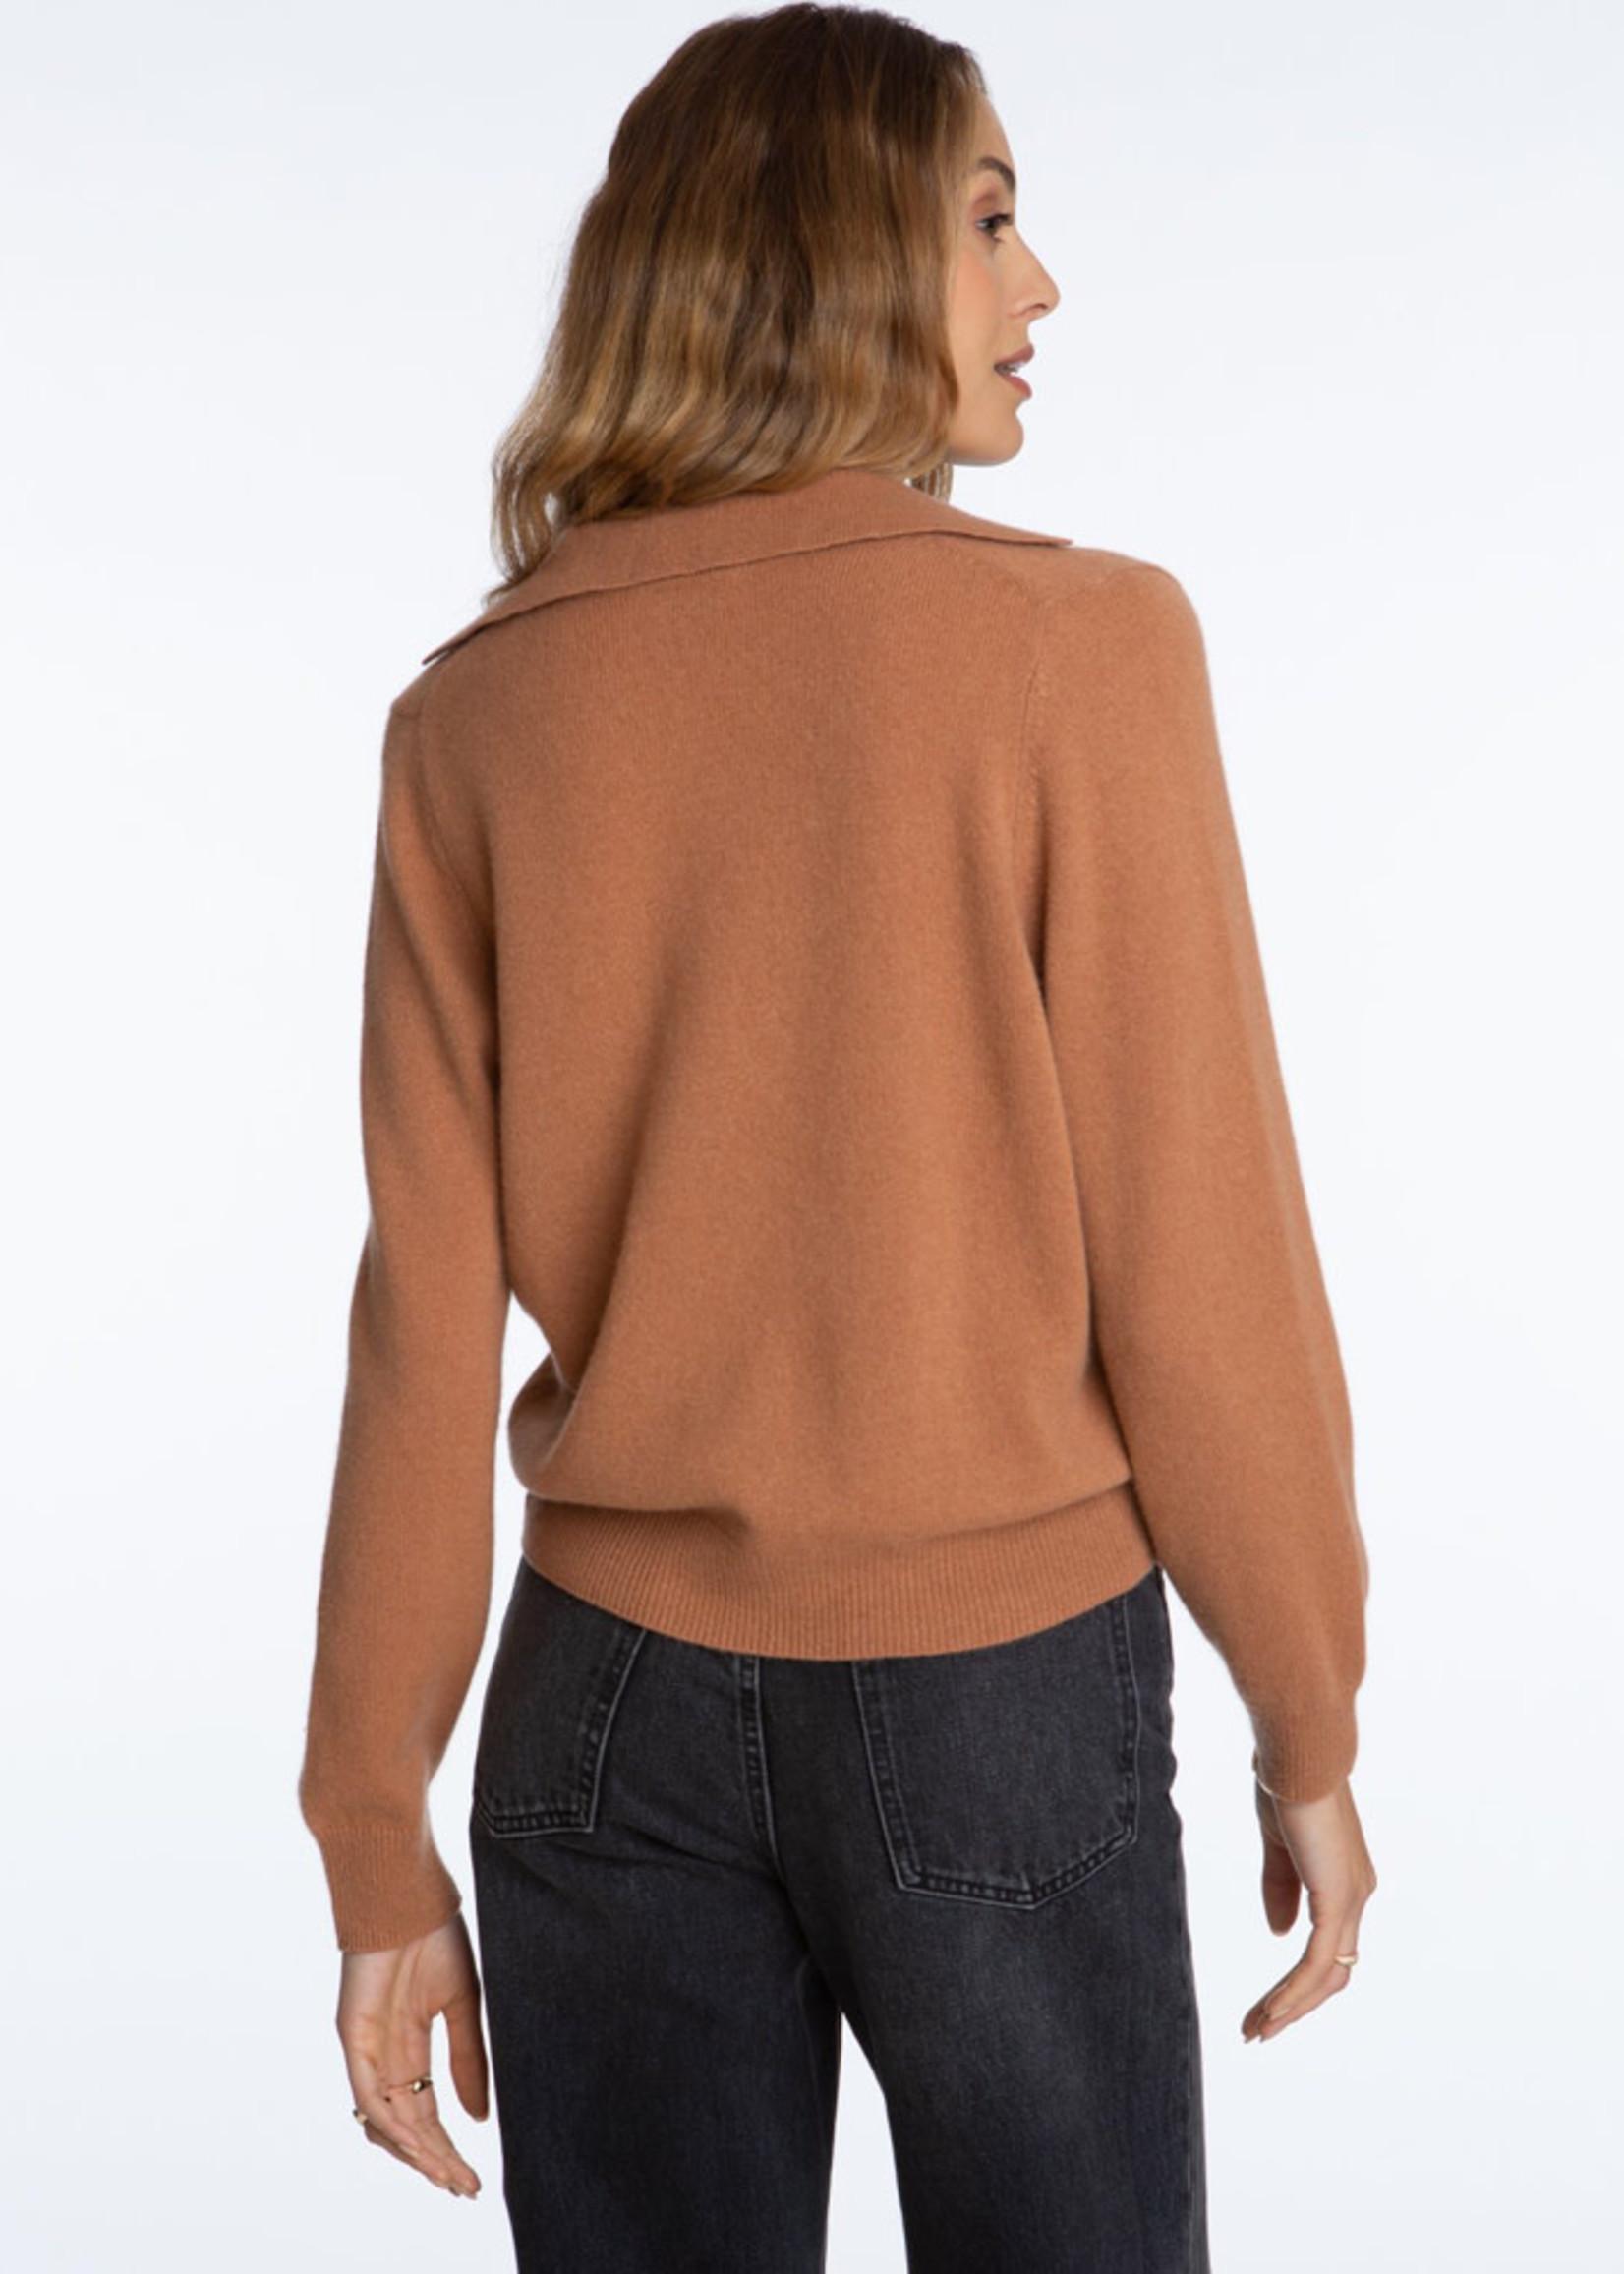 525 America Polo Pullover